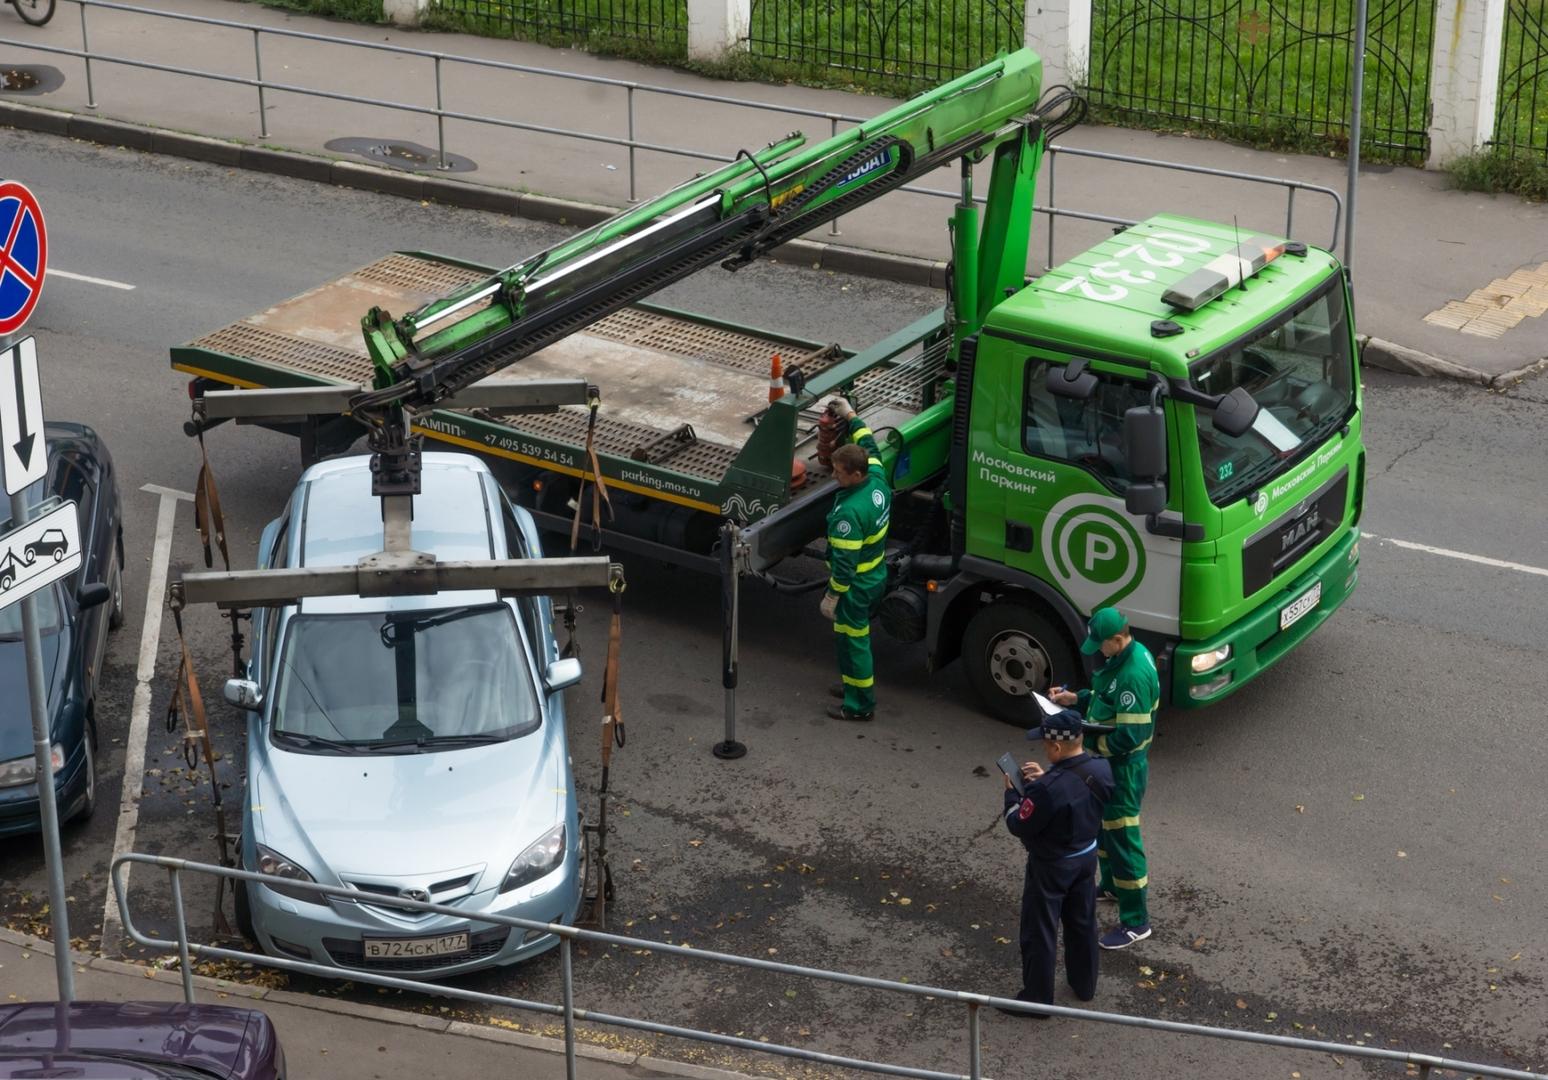 Как платные парковки поглотили Москву и что будет дальше: мало не покажется всем